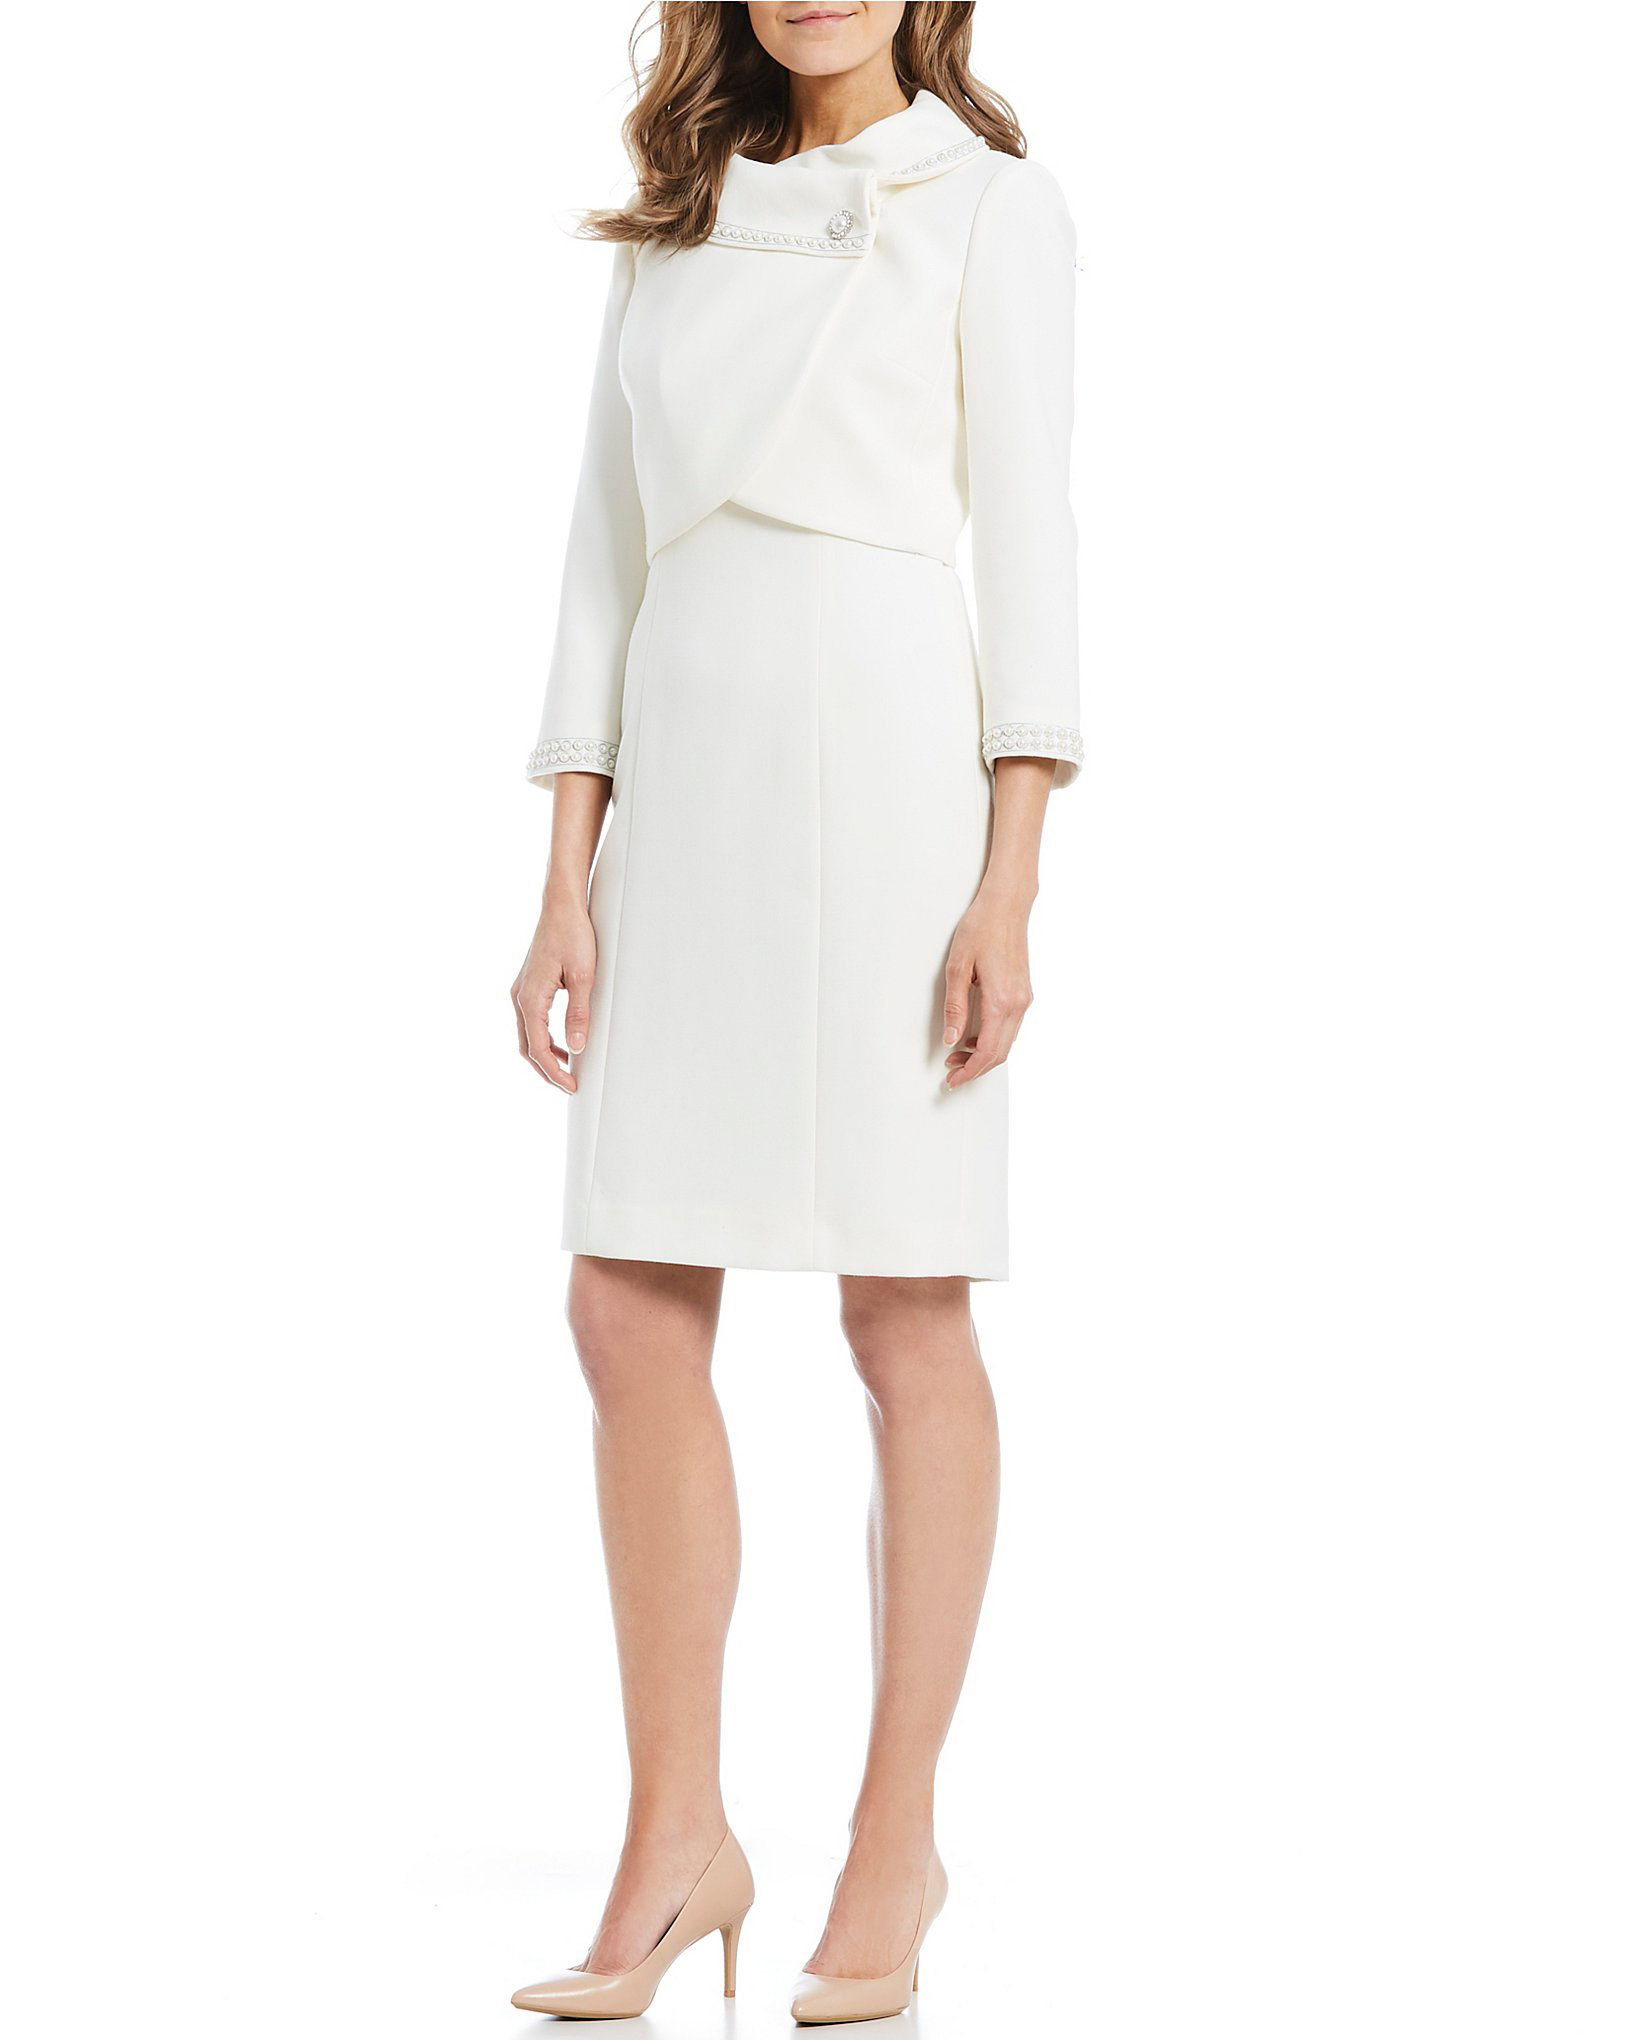 Pearl-Trim Jacket Dress Suit